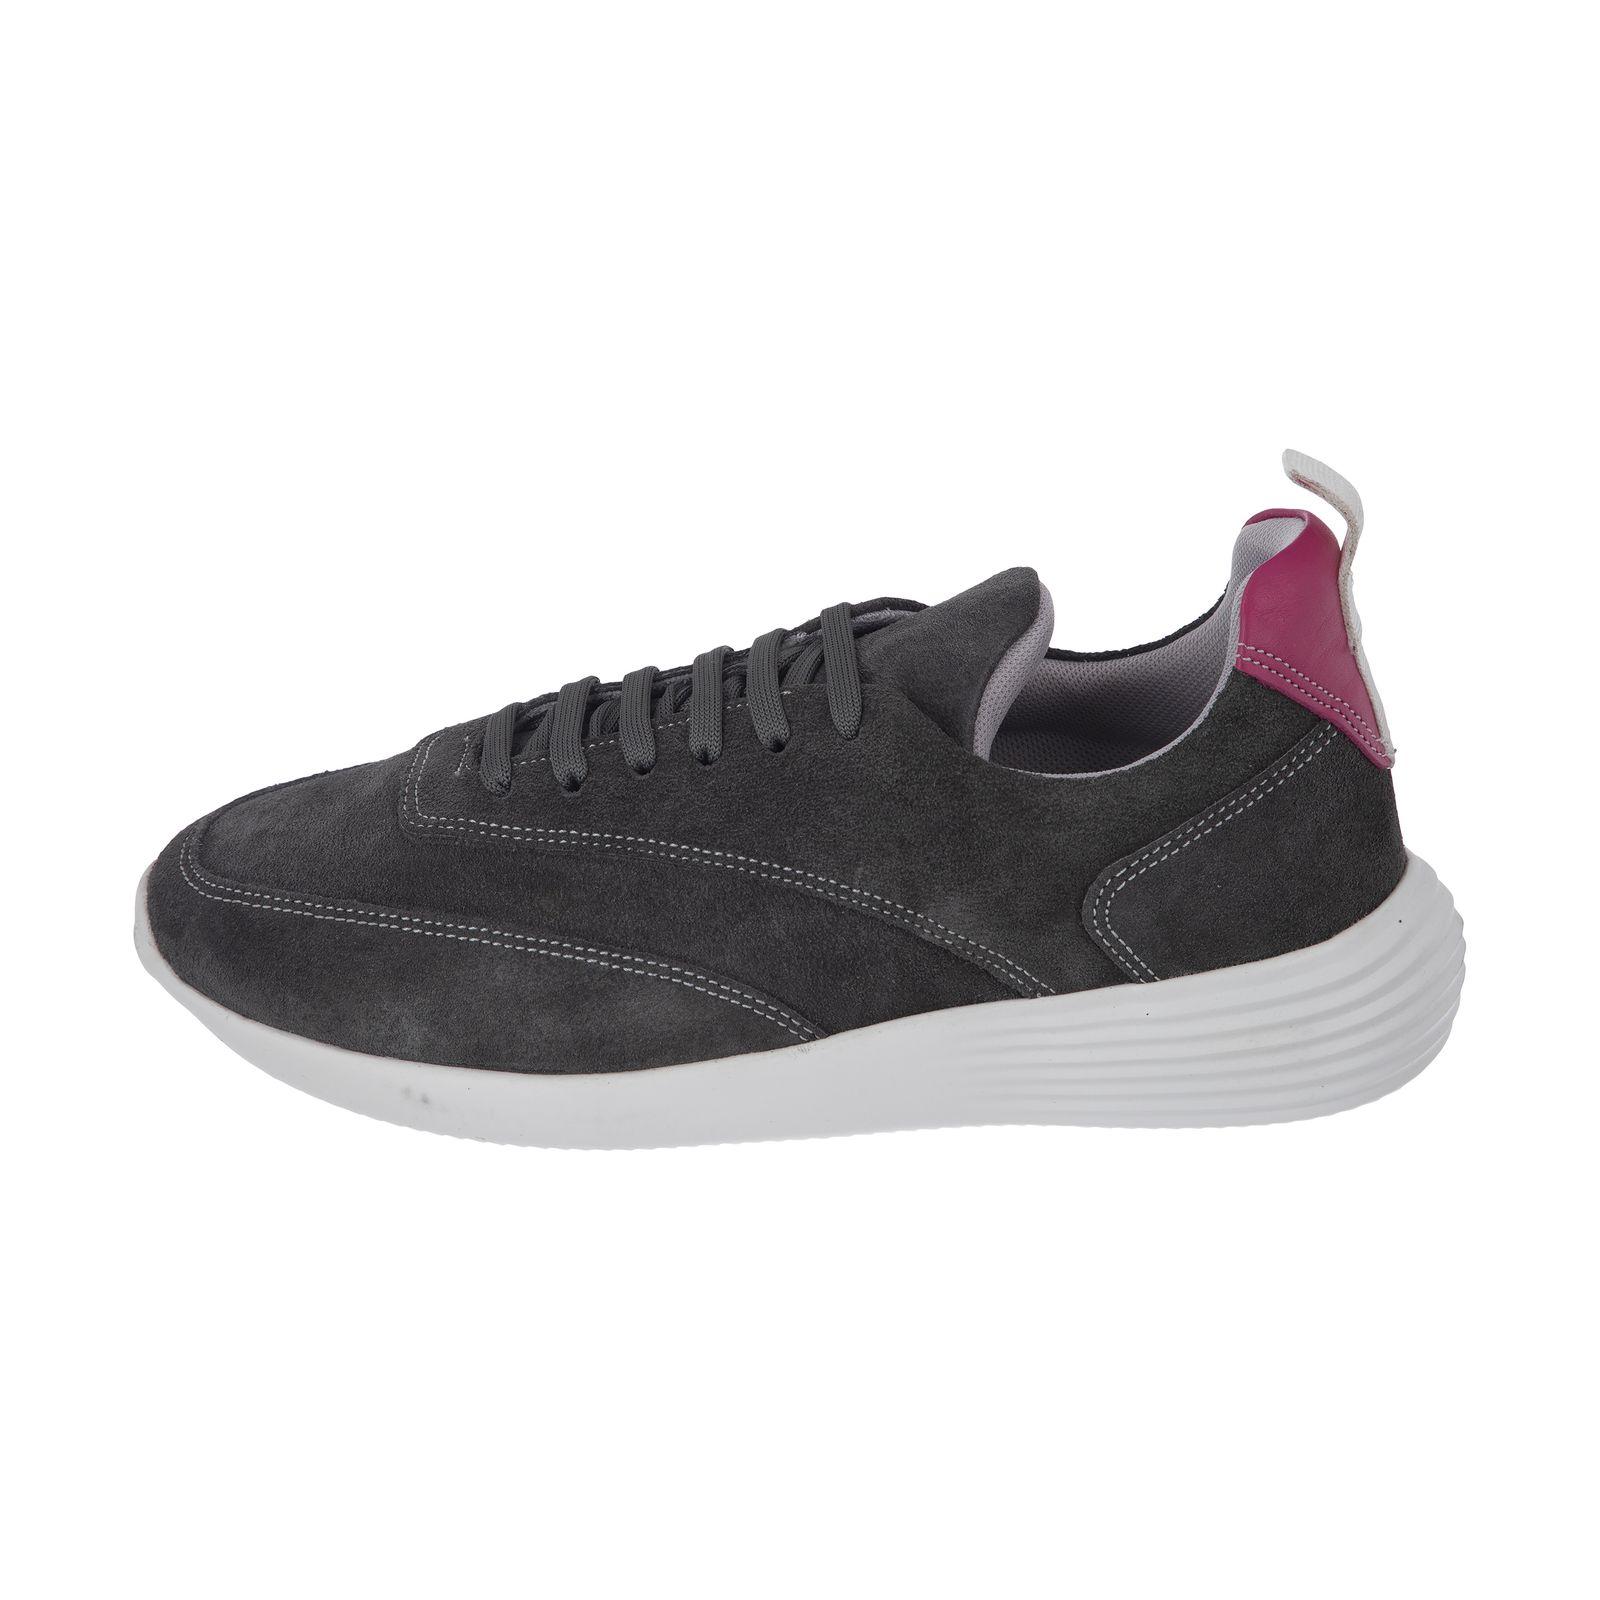 کفش روزمره زنانه آرتمن مدل Veda-41448 -  - 2